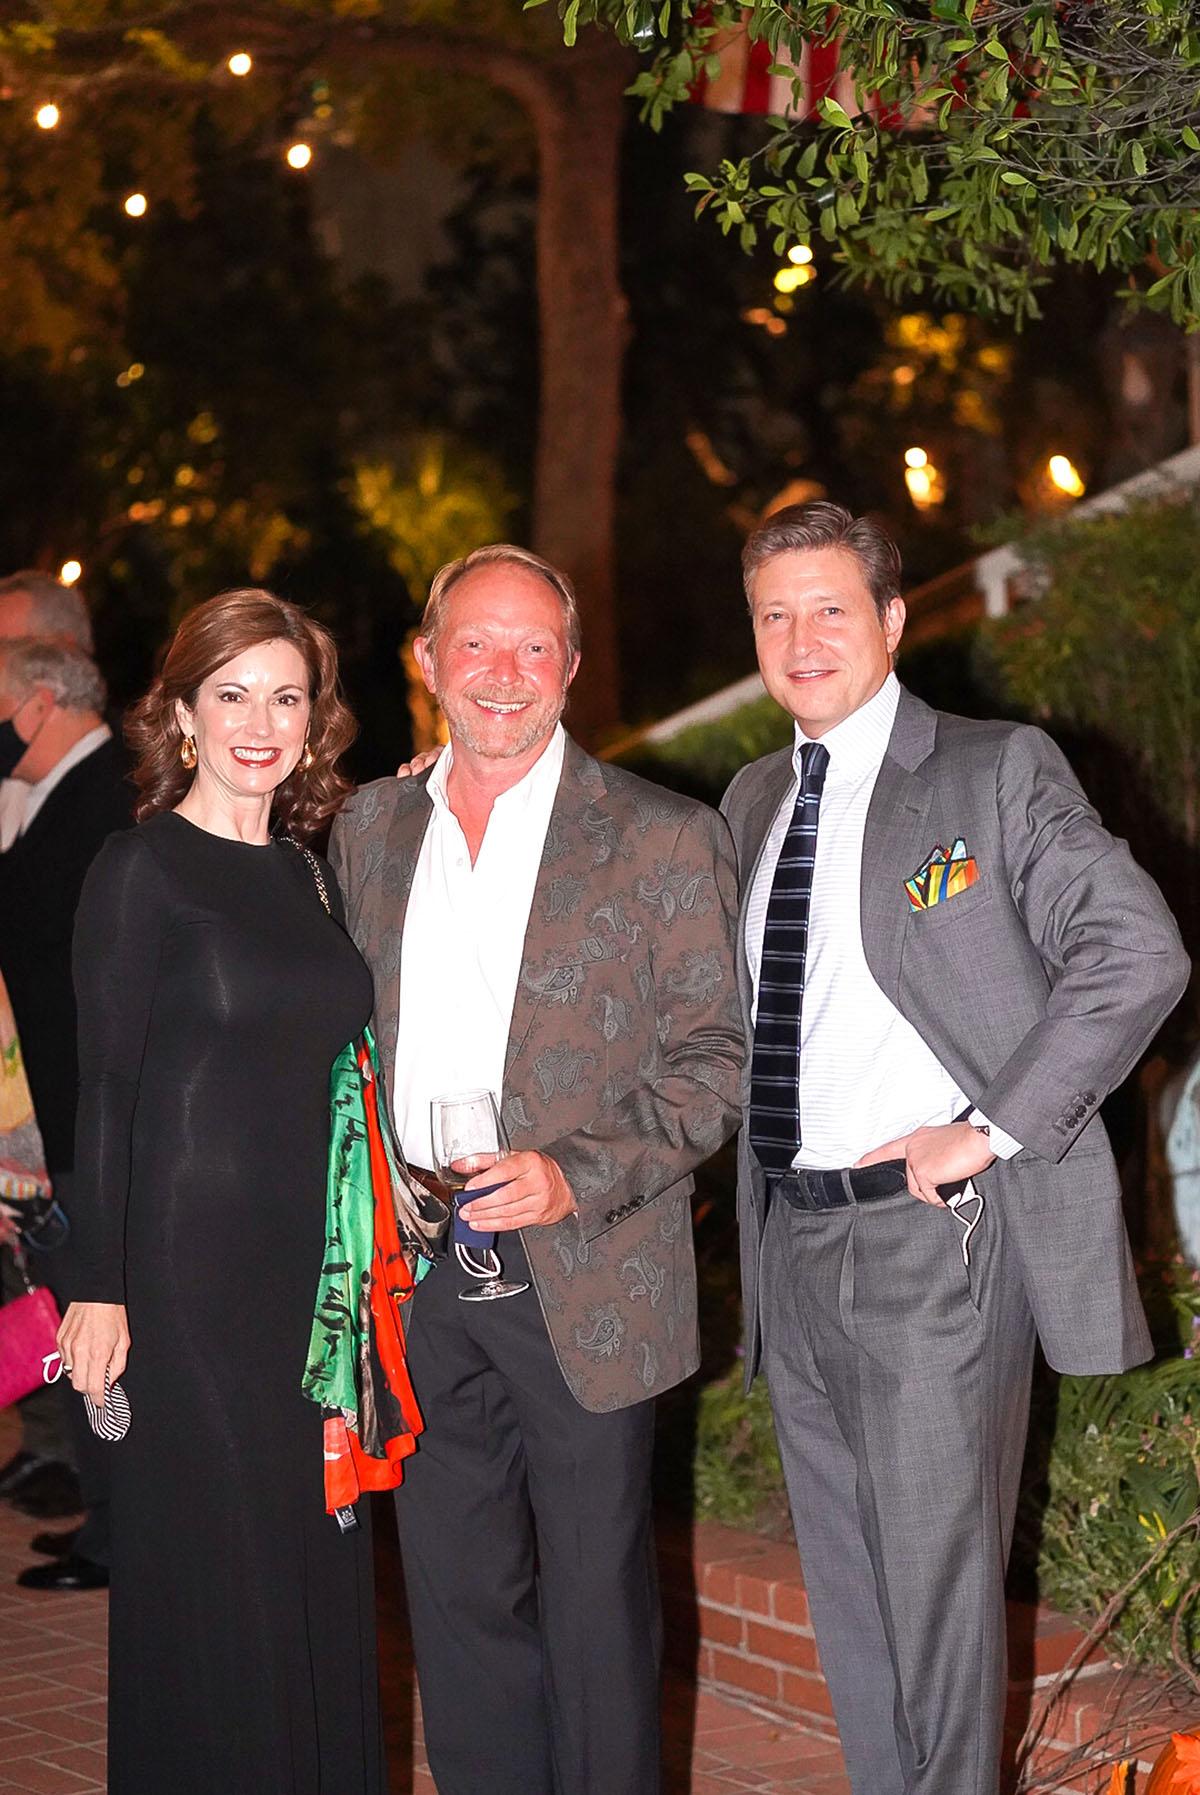 Jennifer Koller, Keller Henderson and Ross Koller